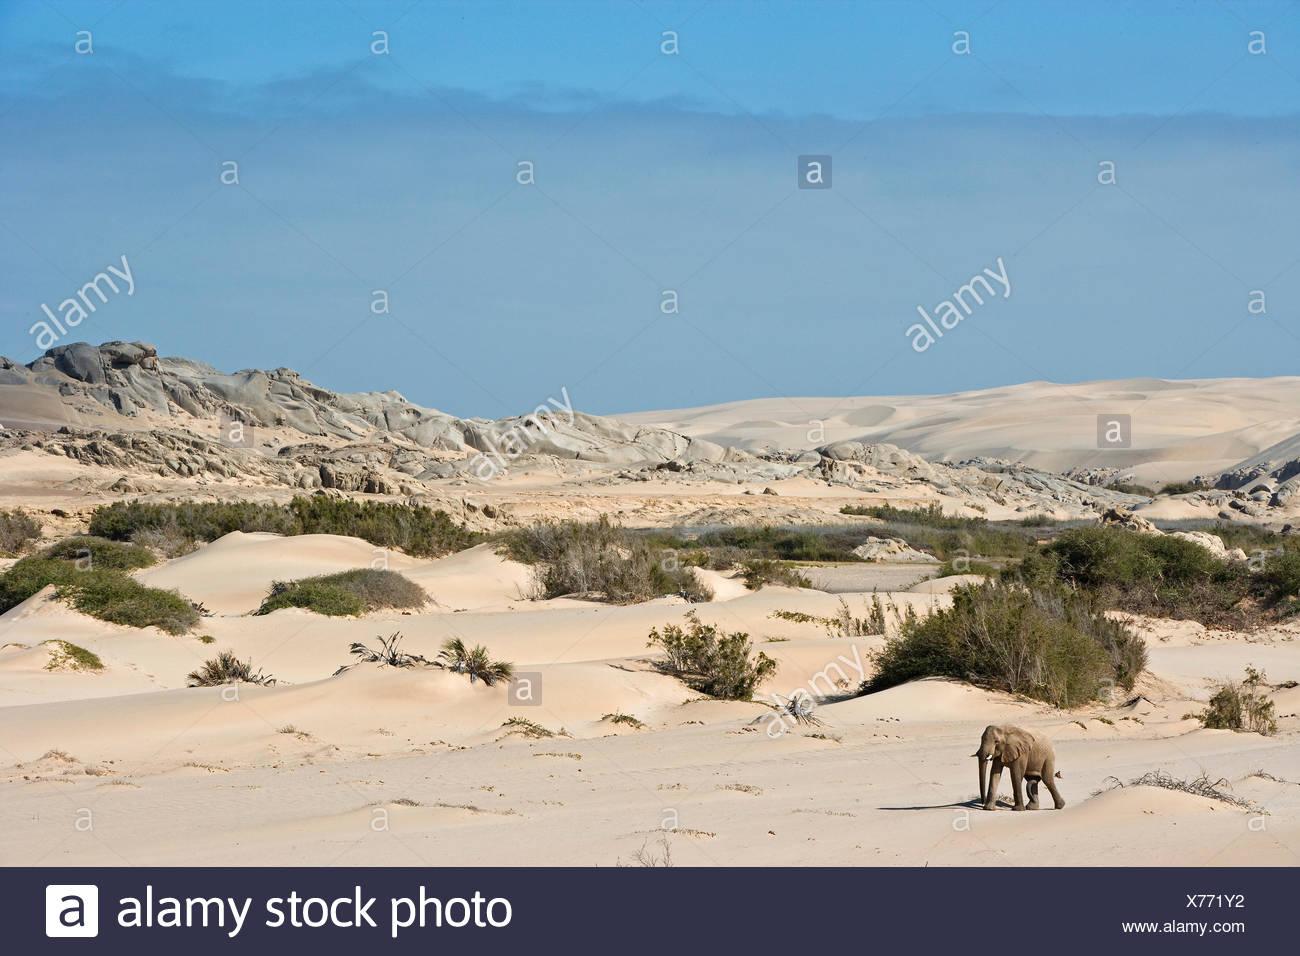 L'éléphant africain, l'éléphant du désert (Loxodonta africana africana) balades adultes le désert Namib-Skeleton Coast National Park, Namibie Photo Stock